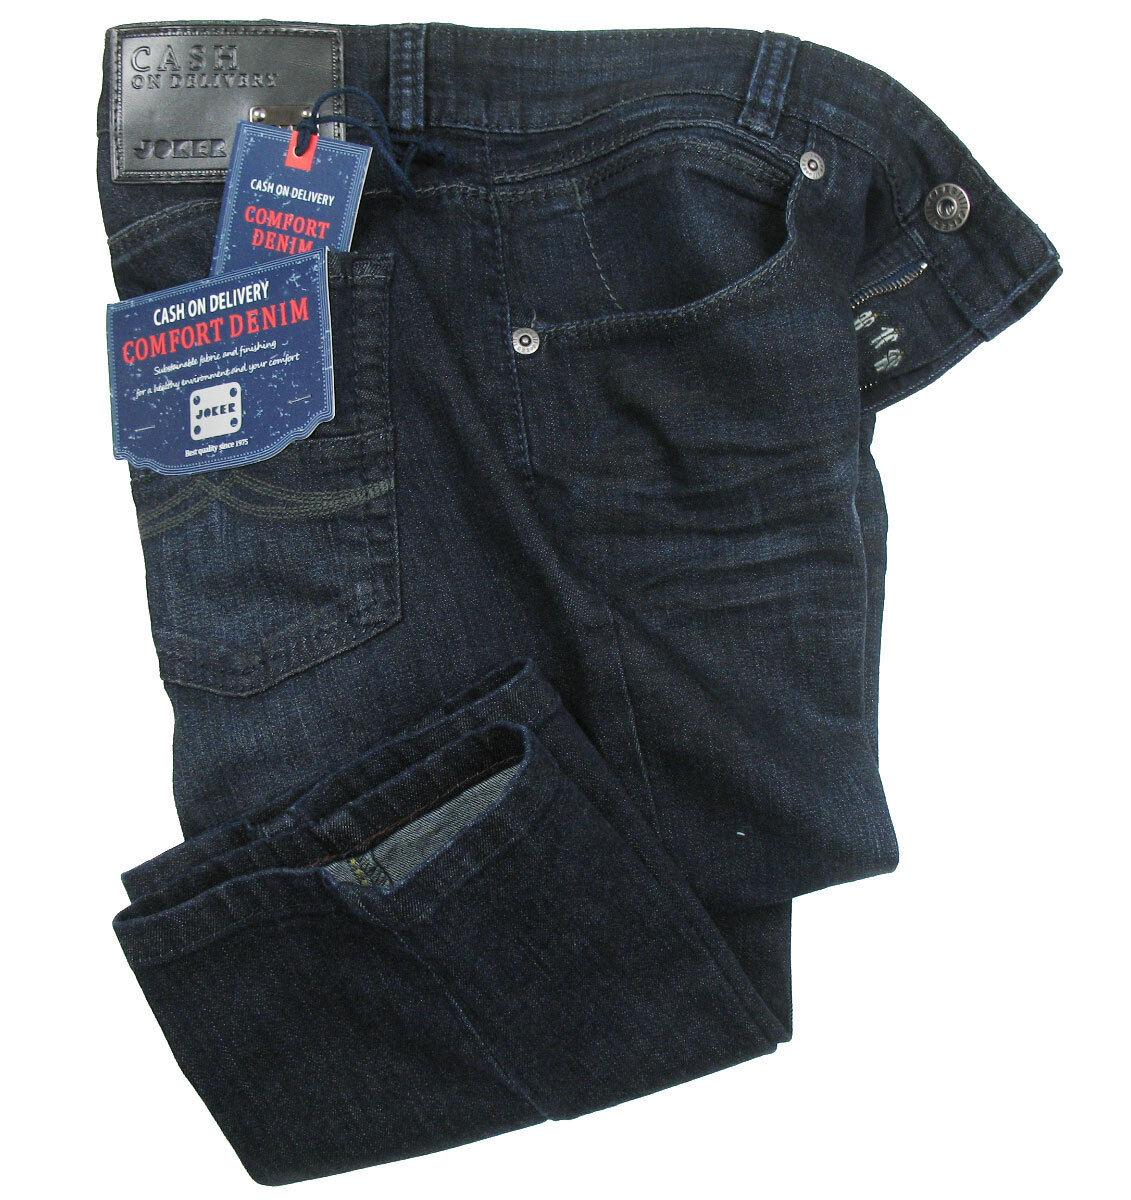 joker jeans freddy dark blue used mit stretchanteil comfort denim ebay. Black Bedroom Furniture Sets. Home Design Ideas